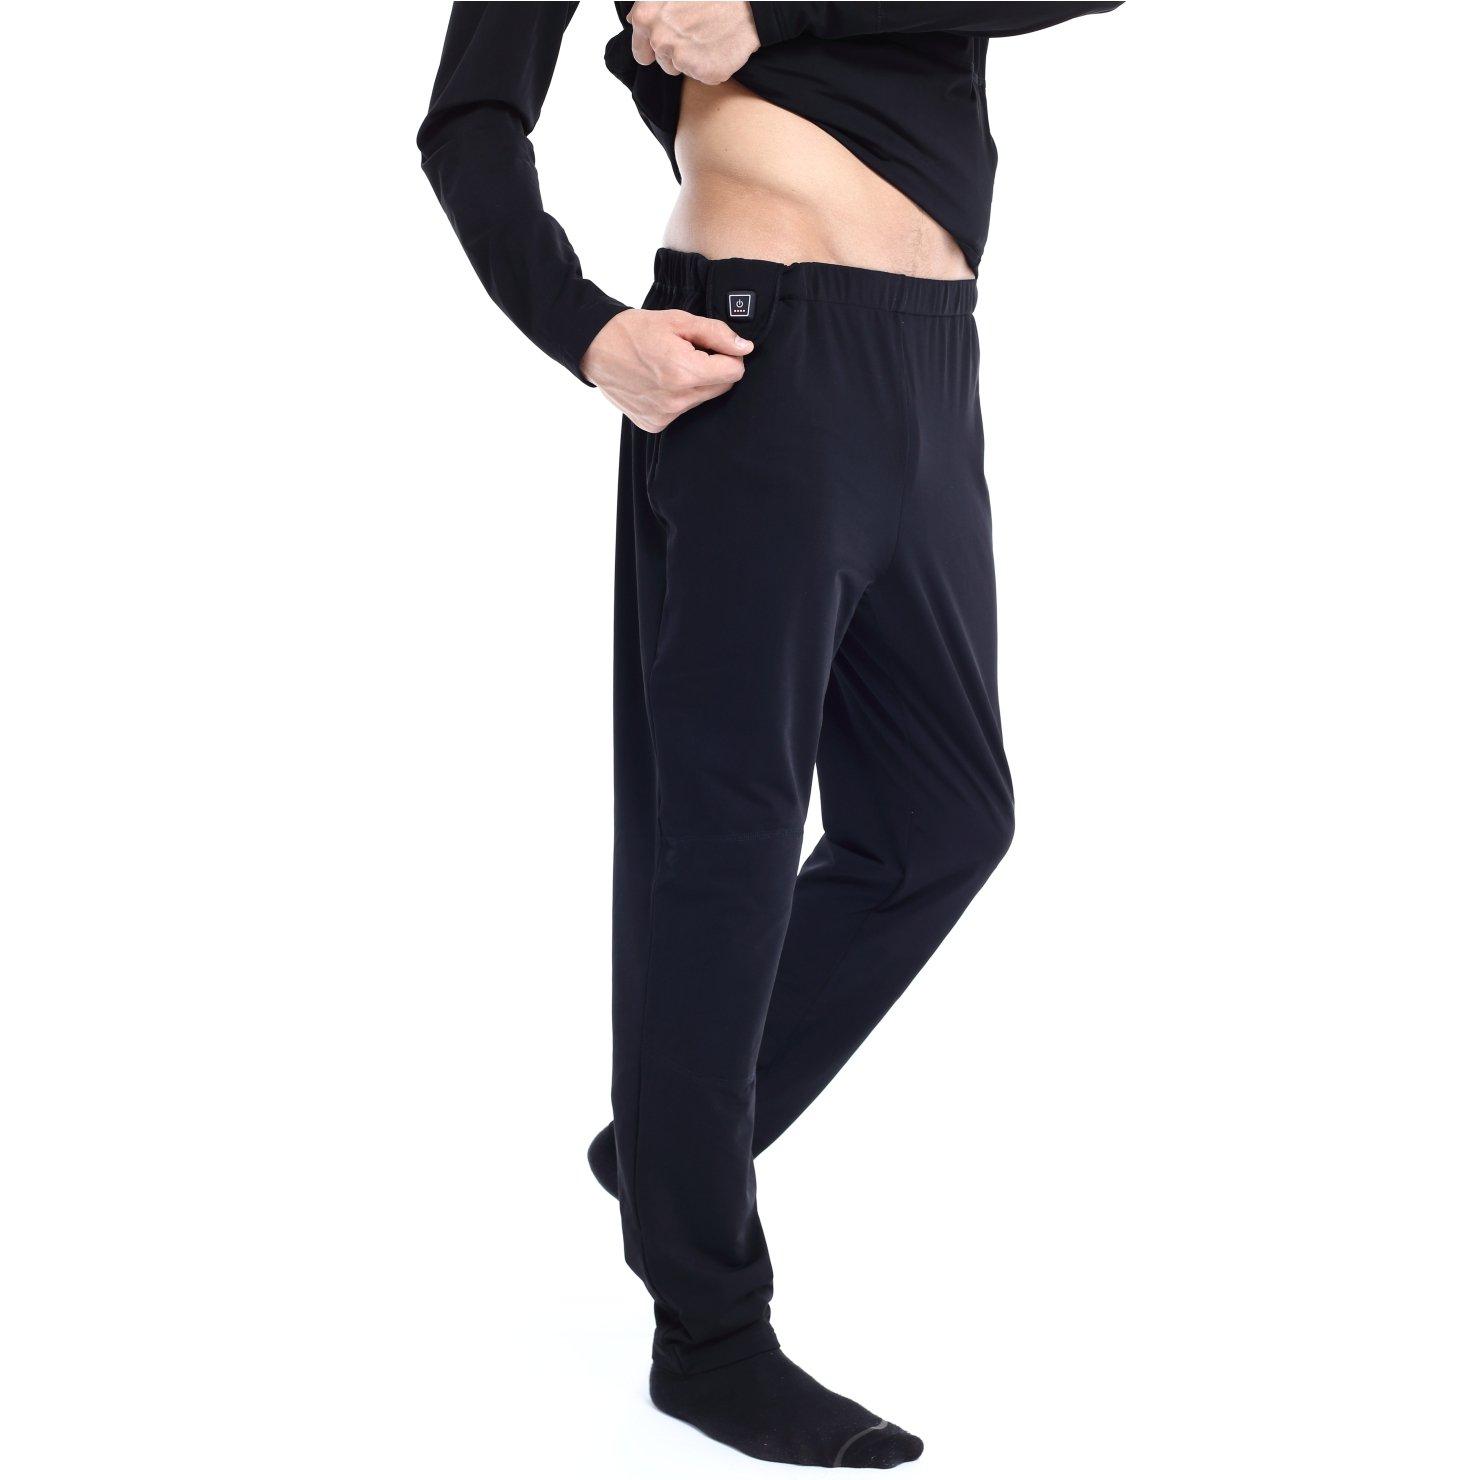 Glovii Akku Beheizte Hosen, Technische Bekleidung Thermoactive Unterwäsche, Größen: M, L, XL